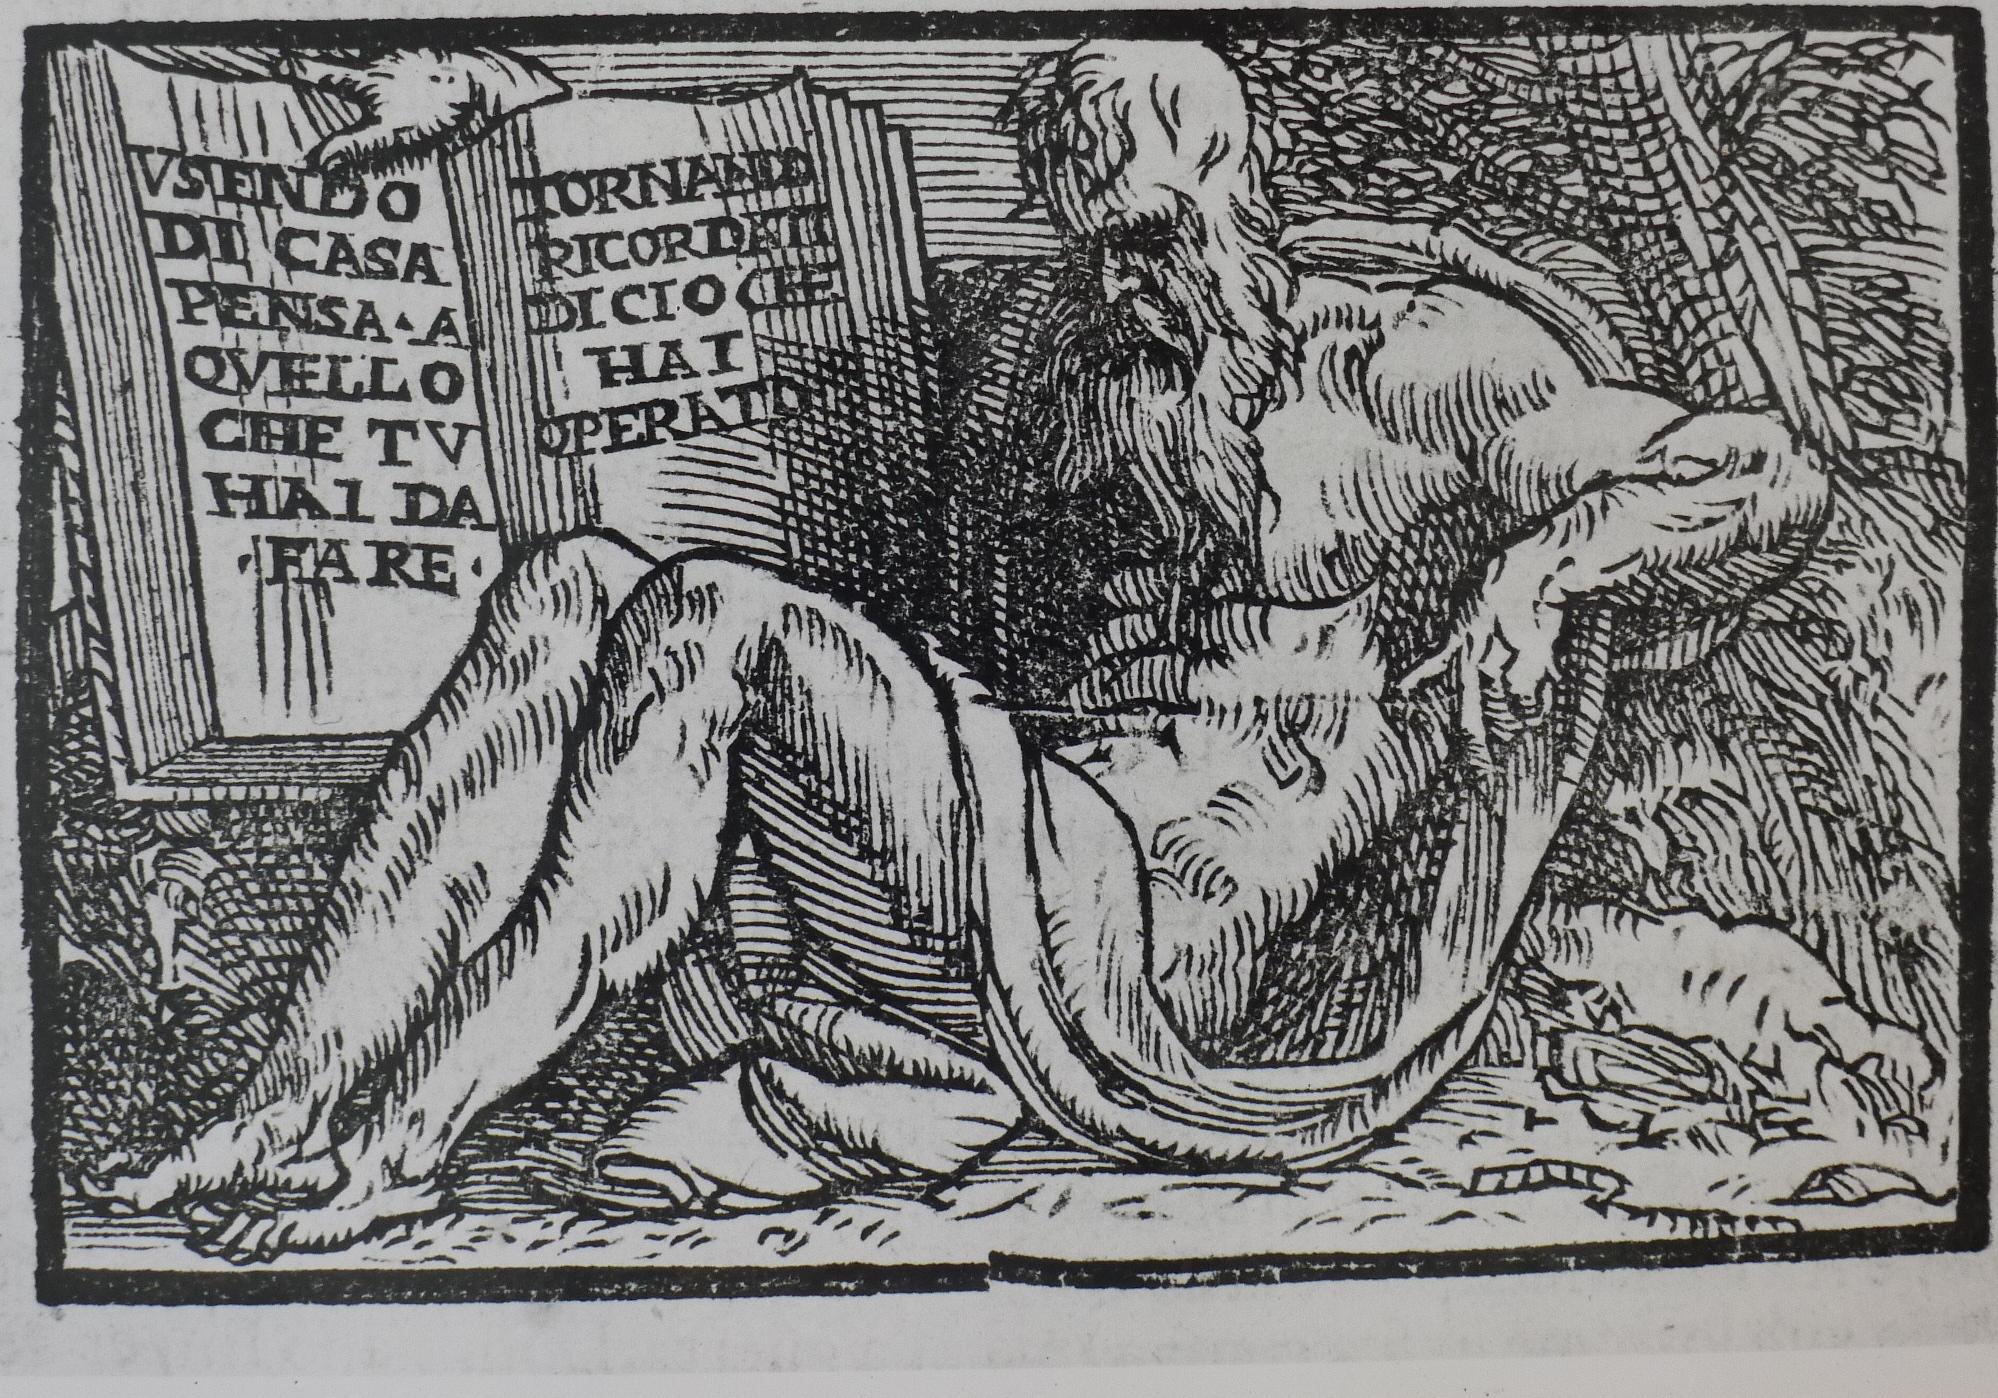 Plutarch from P. Messia, Selva Rinovata (Venice 1616), p. 13